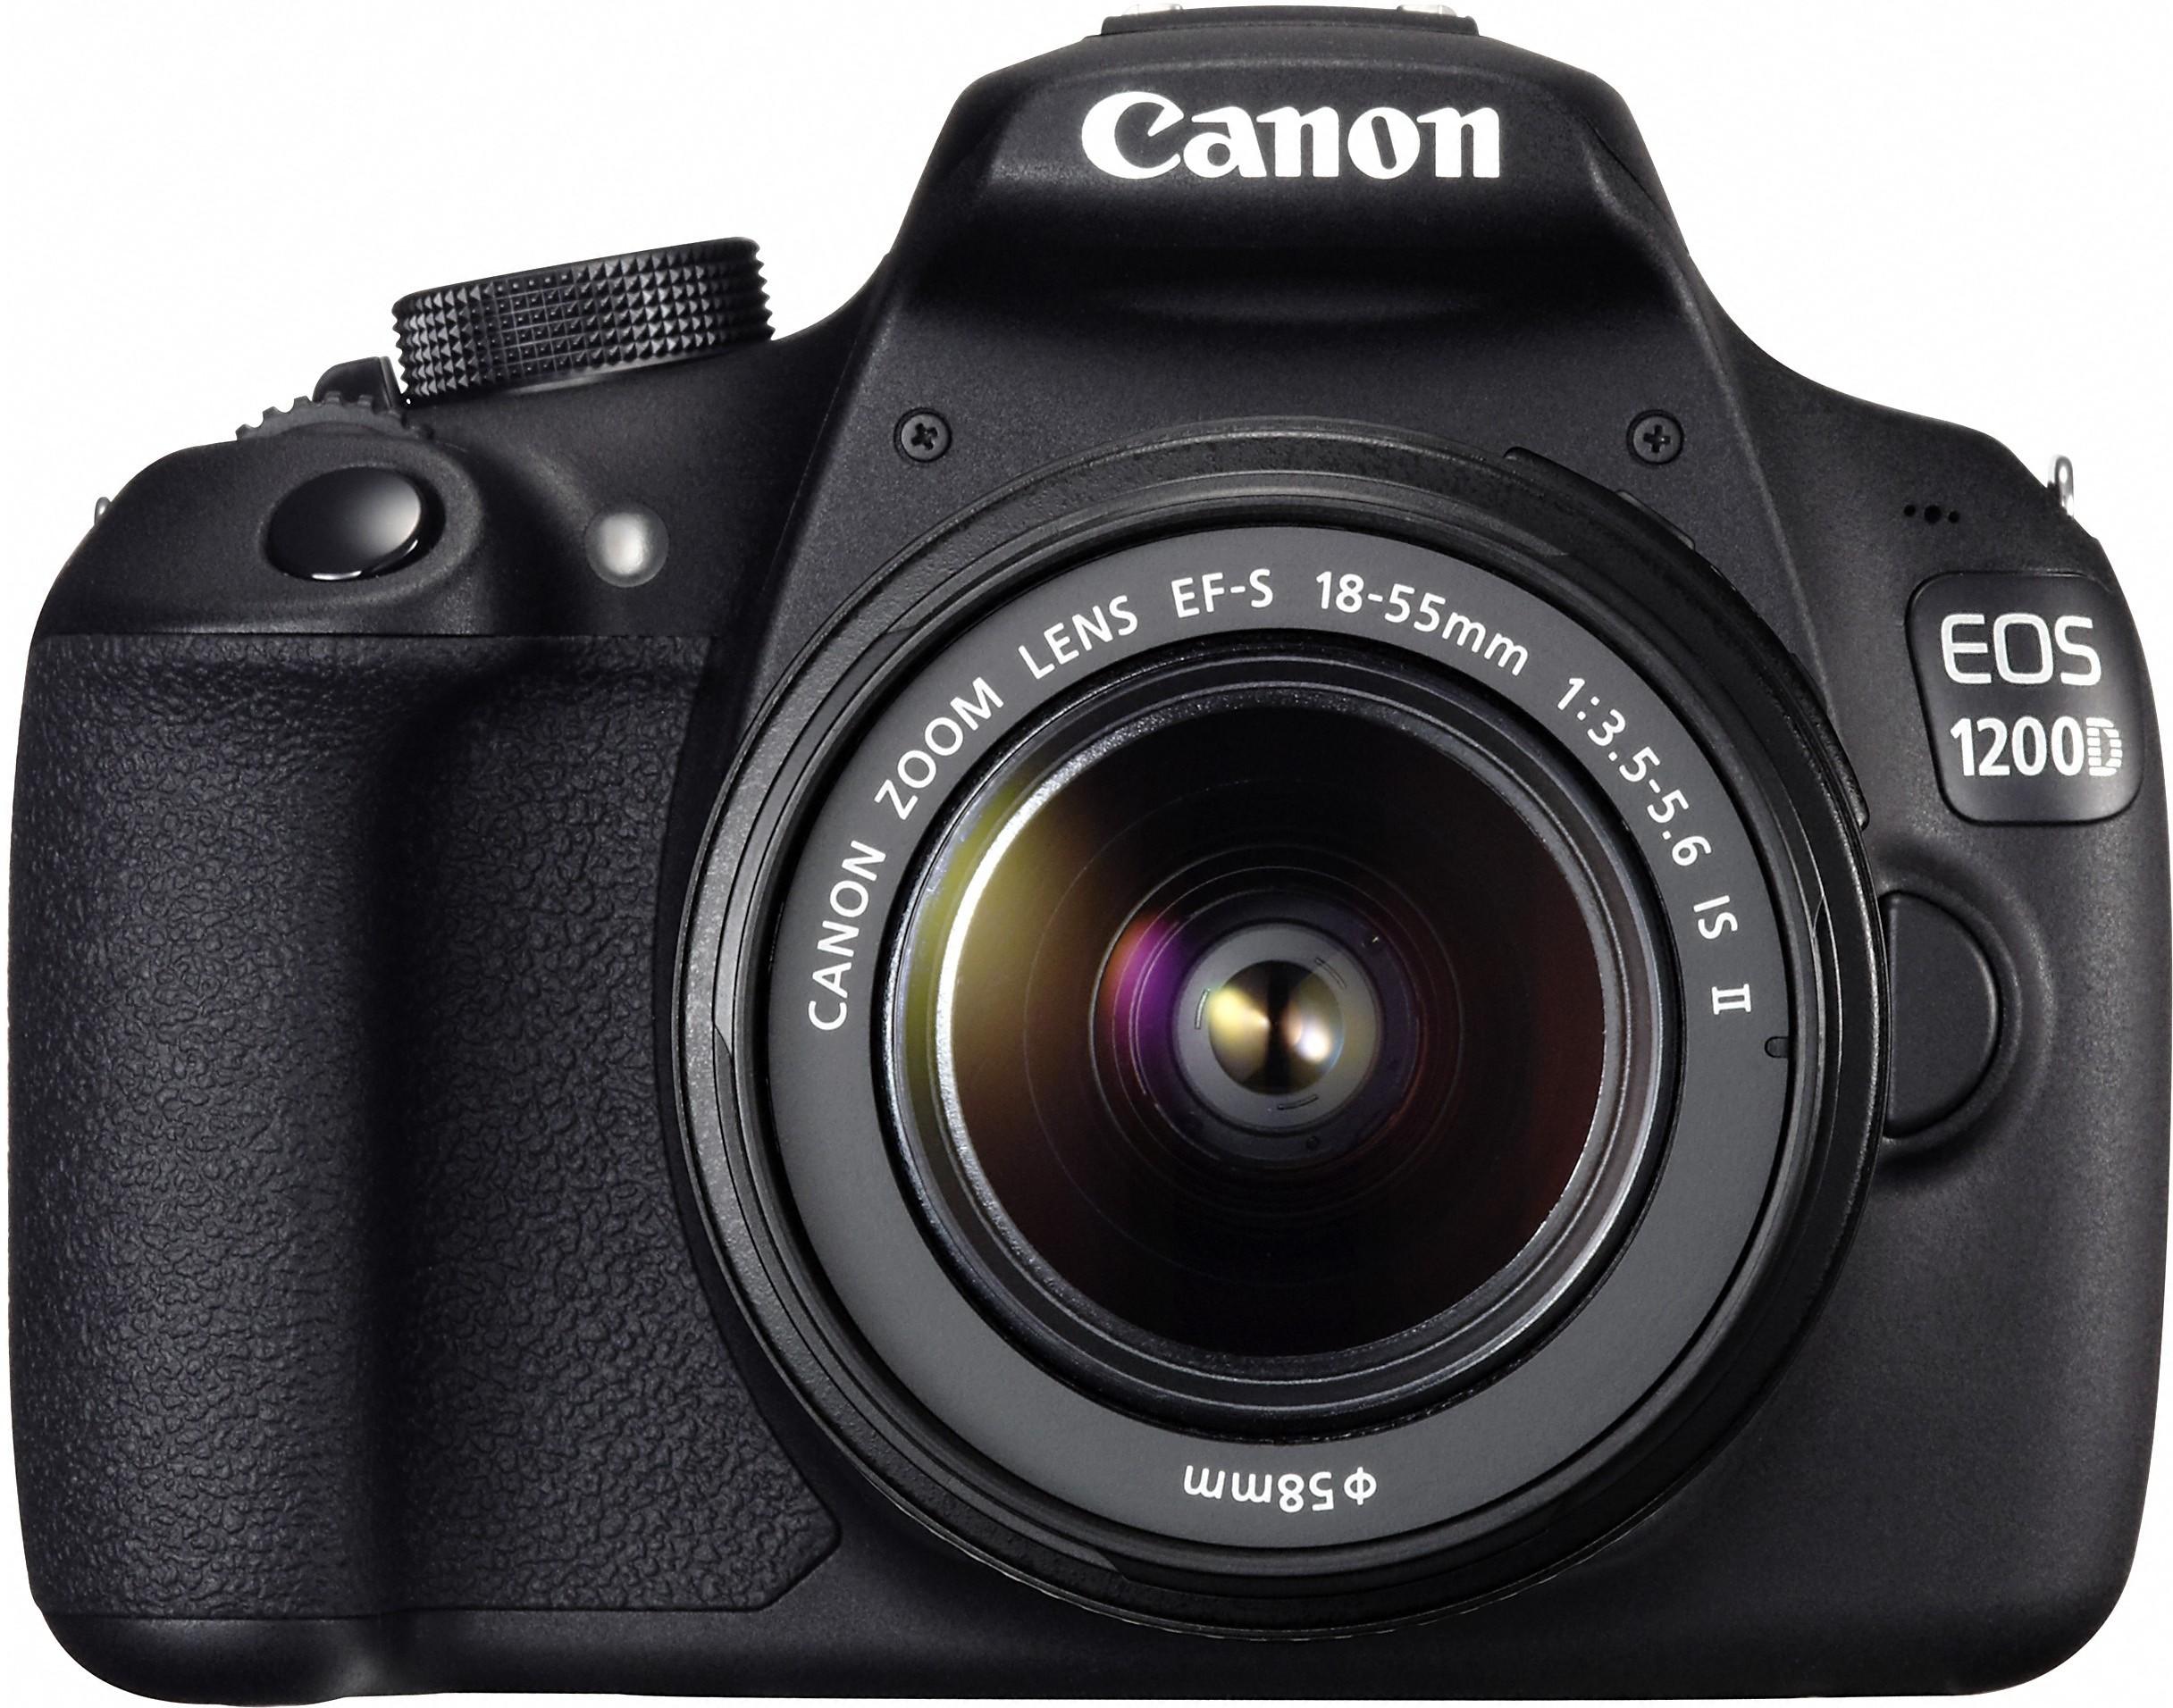 Deals | Just Rs. 19990 Canon EOS 1200D DSLR